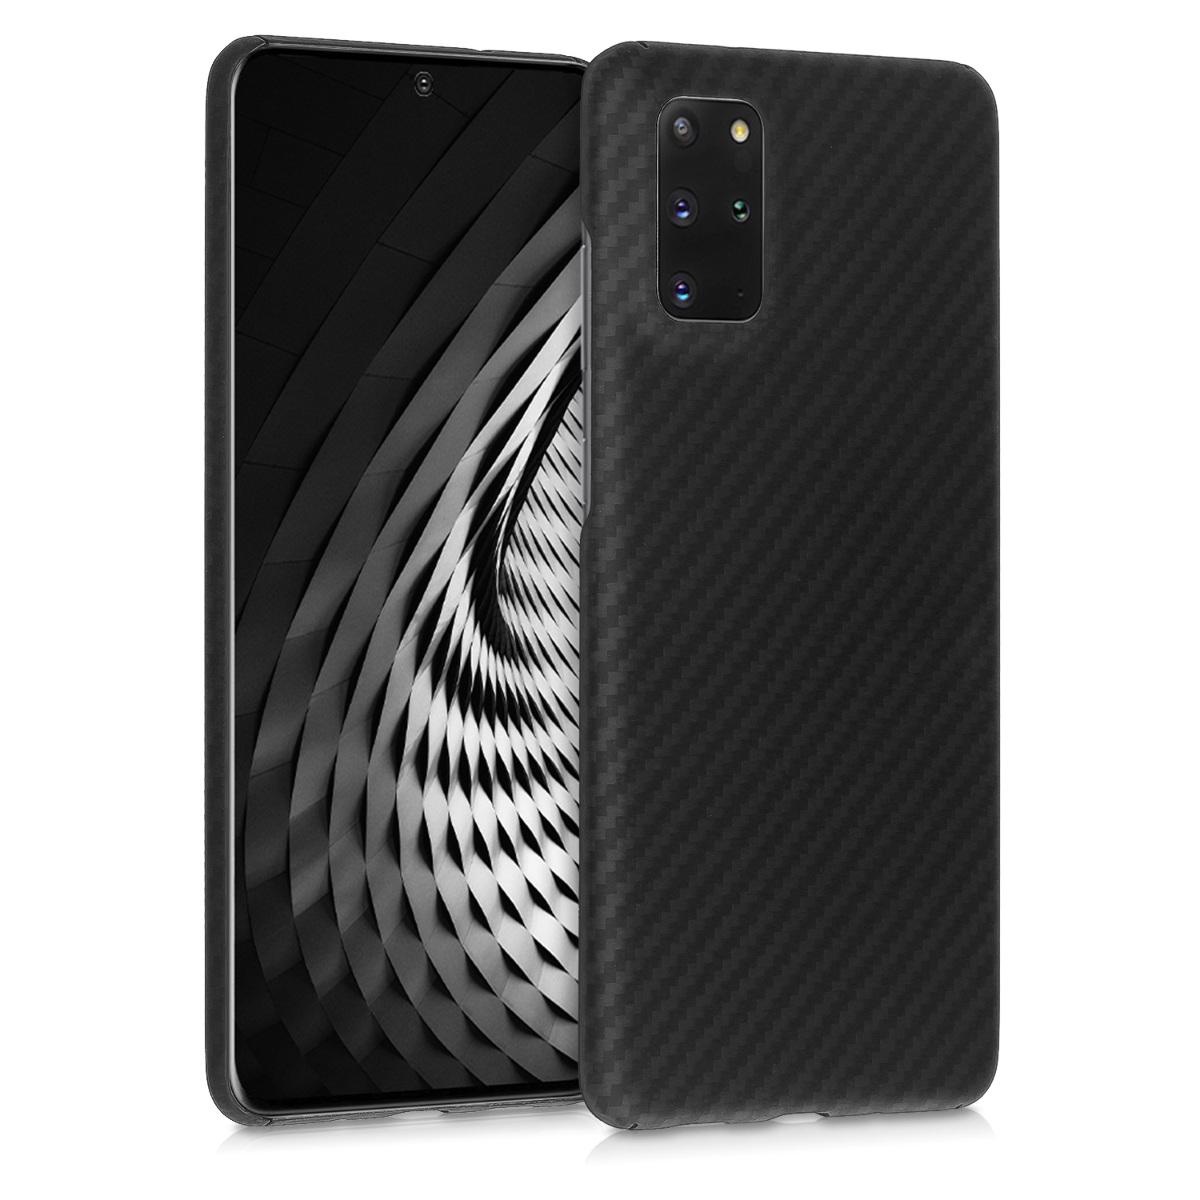 Kevlarové vysoce odolné černé pouzdro / obal pro Samsung S20 Plus